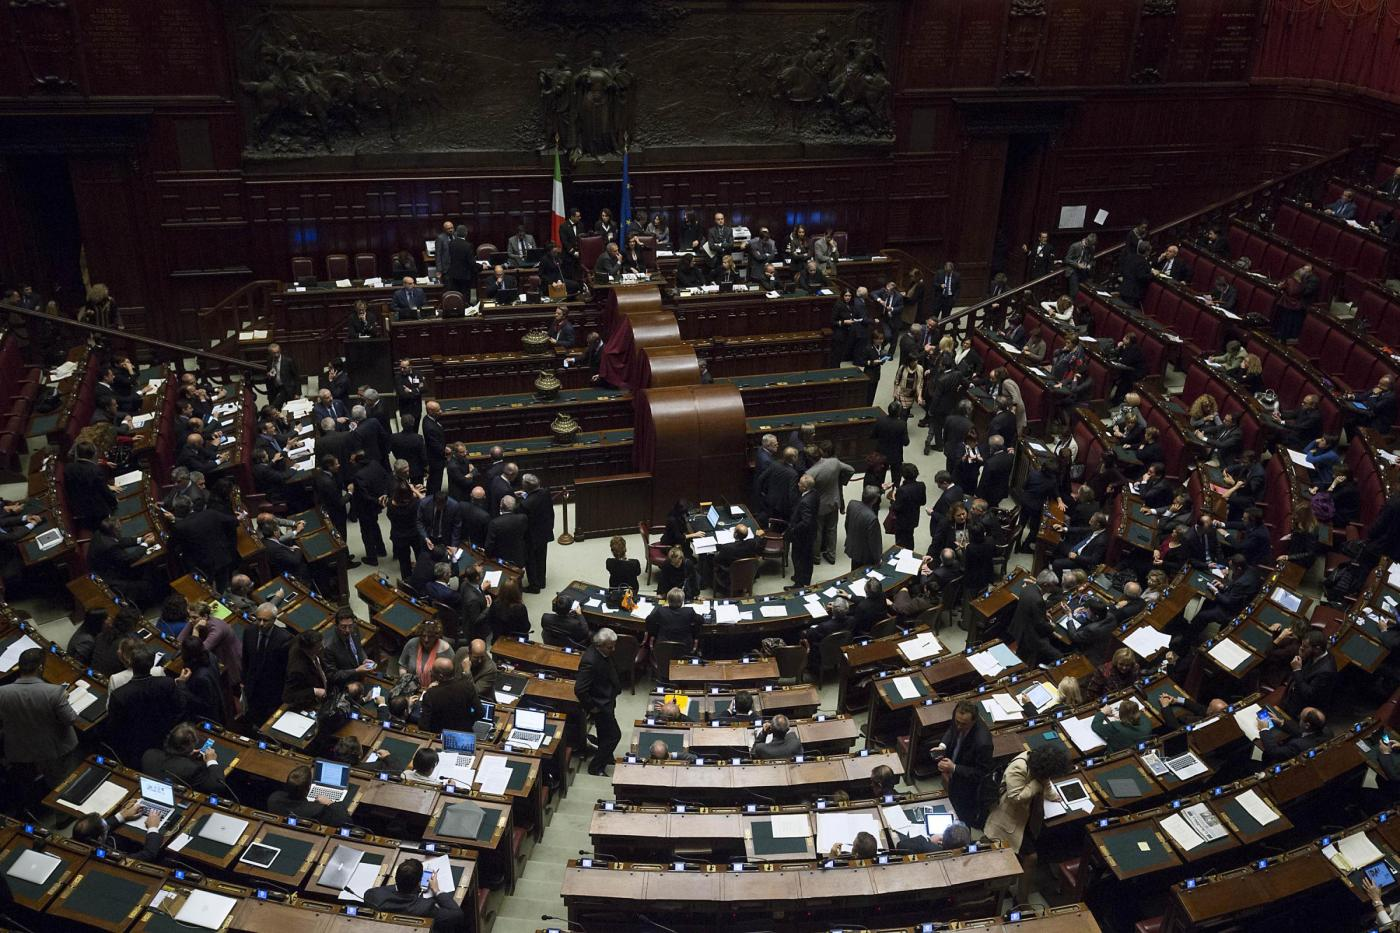 Parlamento riunito in seduta comune per l'elezione di tre giudici della Corte Costituzionale